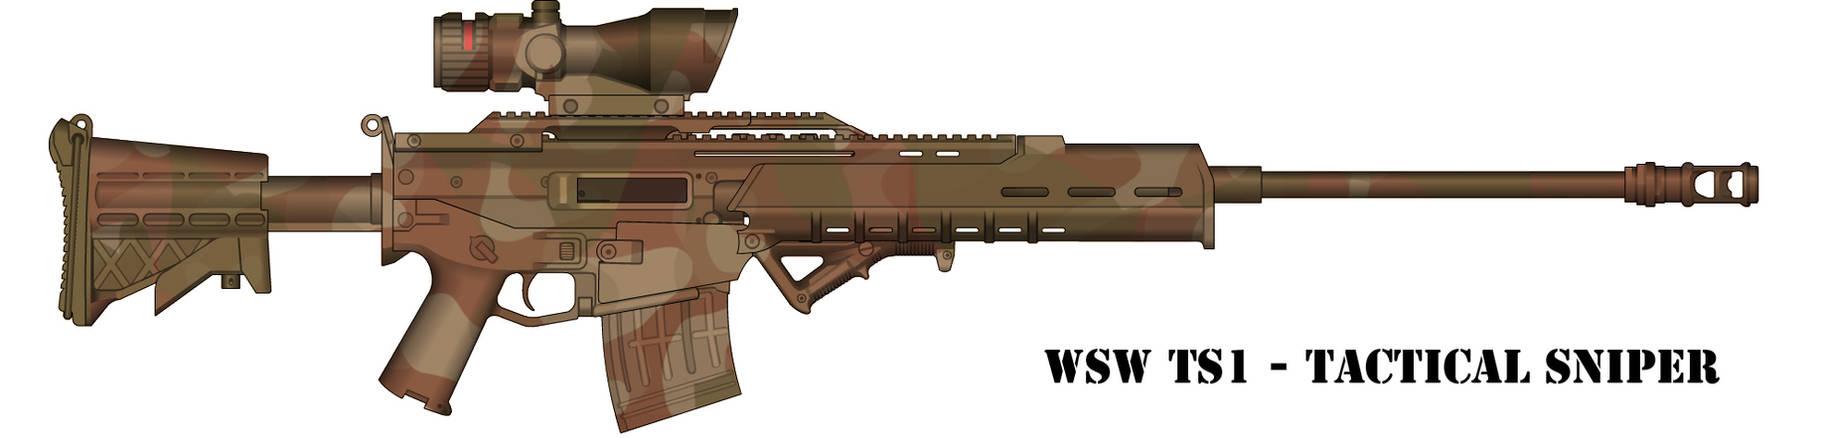 WSW TS1